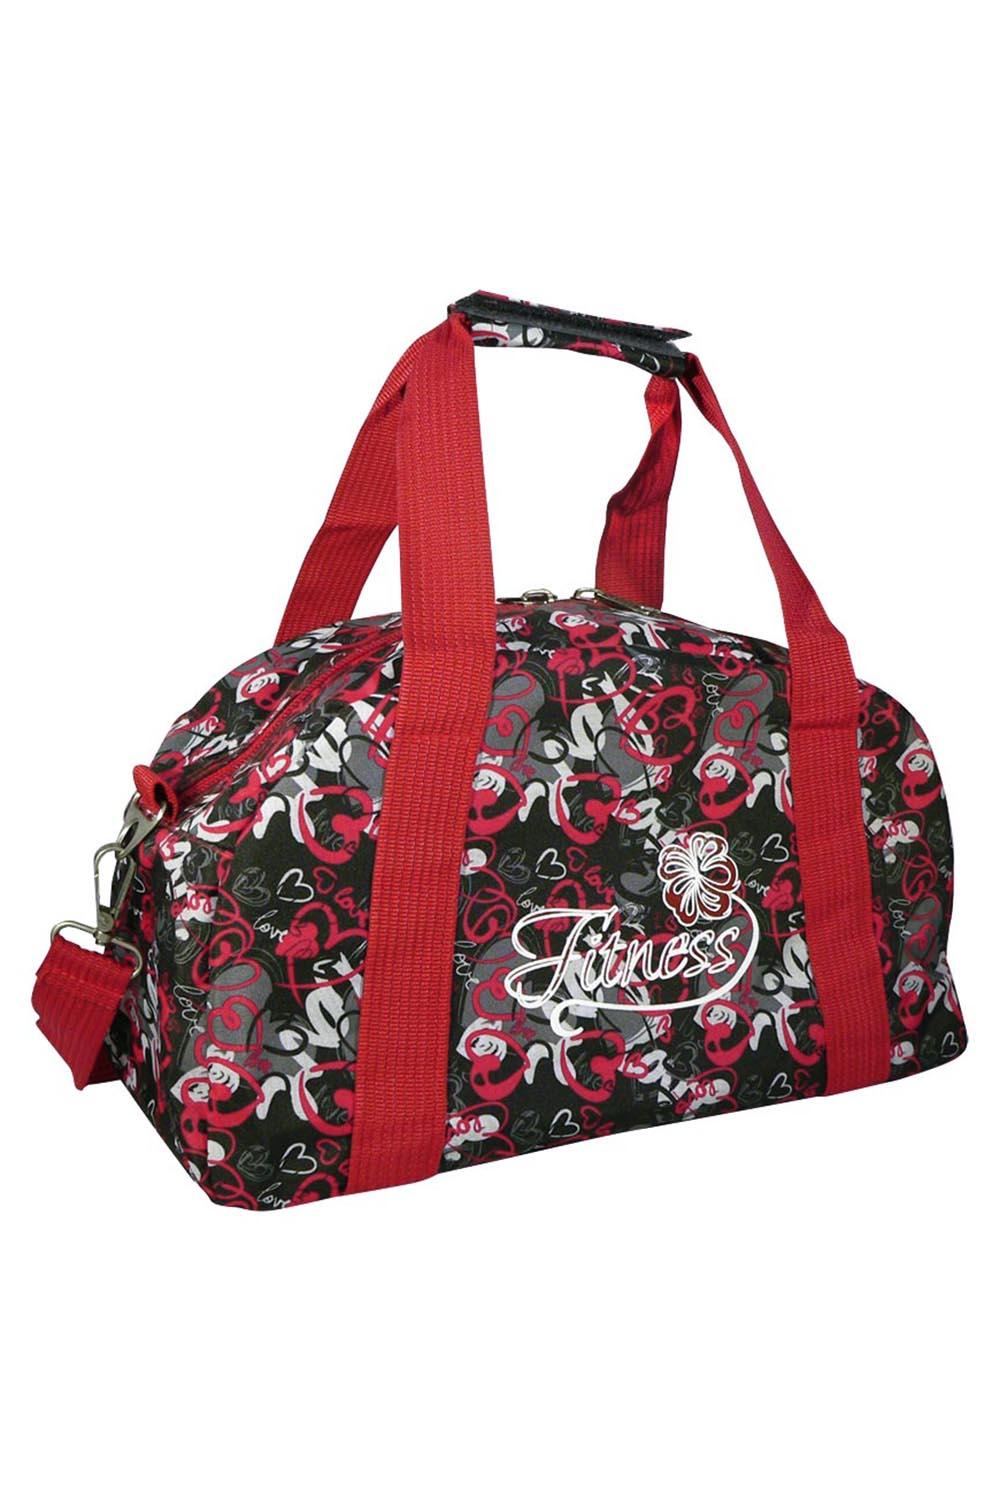 СумкаСпортивные<br>Яркая сумка для активного отдыха или занятий спортом из качественных ярких материалов. Одно основное отделение с застежкой на молнию. Удобные короткие ручки, в комплекте длинный ремень.  Размеры: 39*20*25 см  Цвет: красный, черный, серый<br><br>По материалу: Тканевые<br>По размеру: Средние<br>По рисунку: Цветные,С принтом<br>По силуэту стенок: Трапециевидные<br>По способу ношения: В руках,На плечо<br>По степени жесткости: Мягкие<br>По типу застежки: С застежкой молнией<br>Ручки: Длинные,Короткие<br>Размер : UNI<br>Материал: Полиэстер<br>Количество в наличии: 1